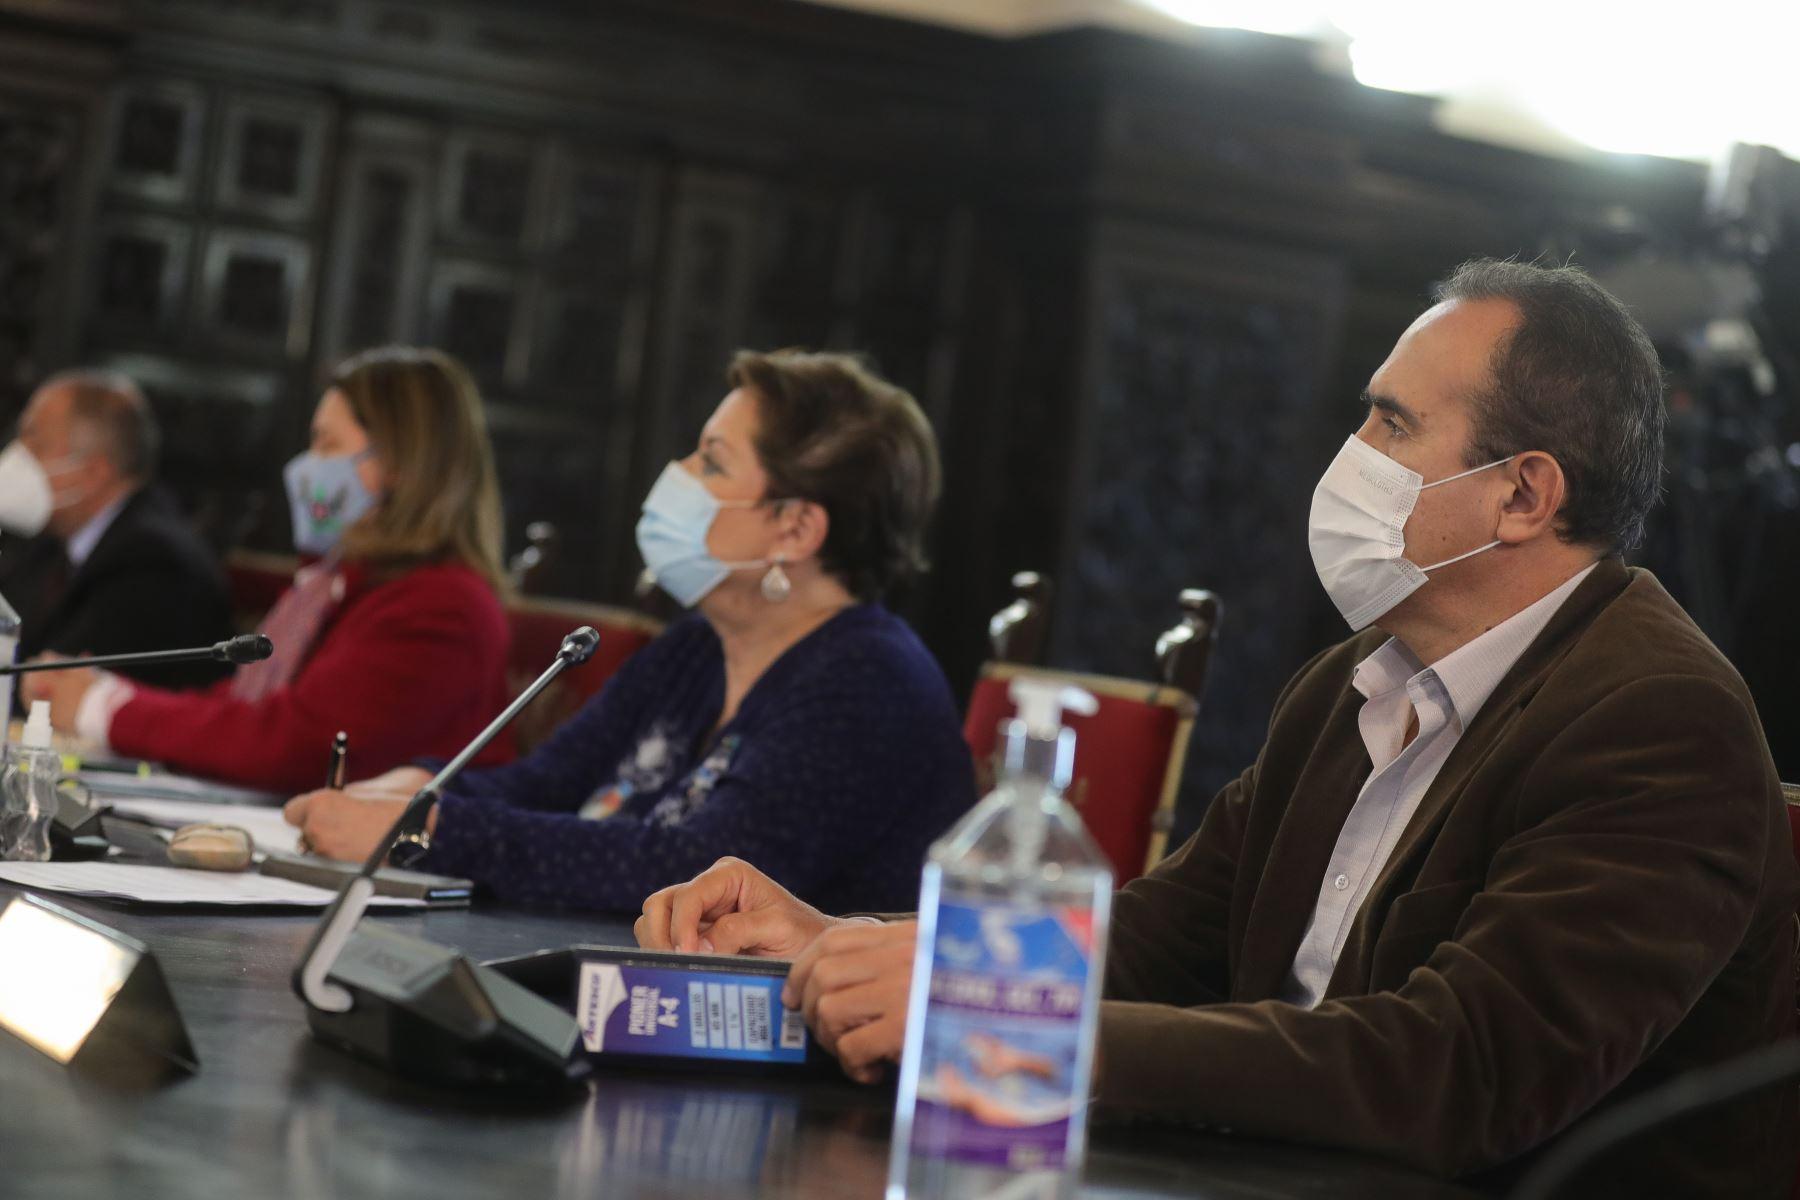 Ministra de la Mujer, Rosario Sasieta participa junto al presidente Martín Vizcarra quien brinda un pronunciamiento en torno a las nuevas medidas que adoptará el Gobierno frente a la pandemia del covid-19.  Foto: ANDINA/ Prensa Presidencia